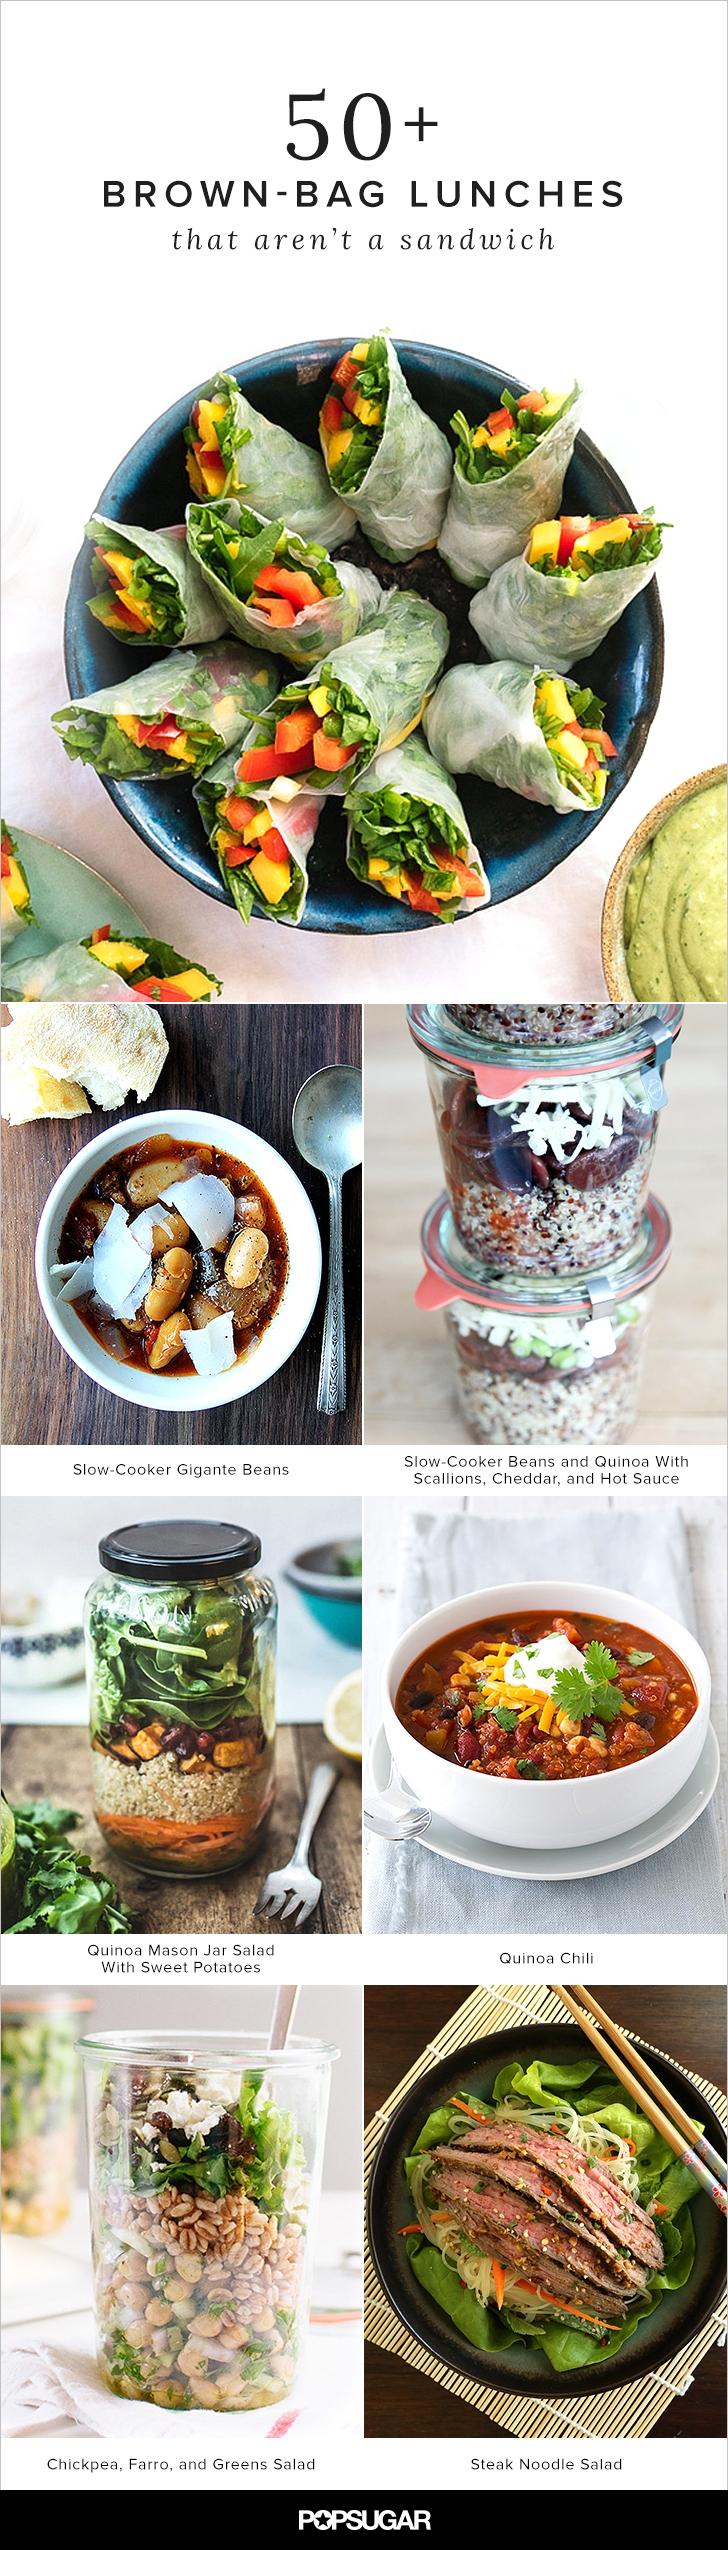 10 Lovable Vegetarian Brown Bag Lunch Ideas 50 brown bag lunches that arent a sandwich bag lunches brown 2020